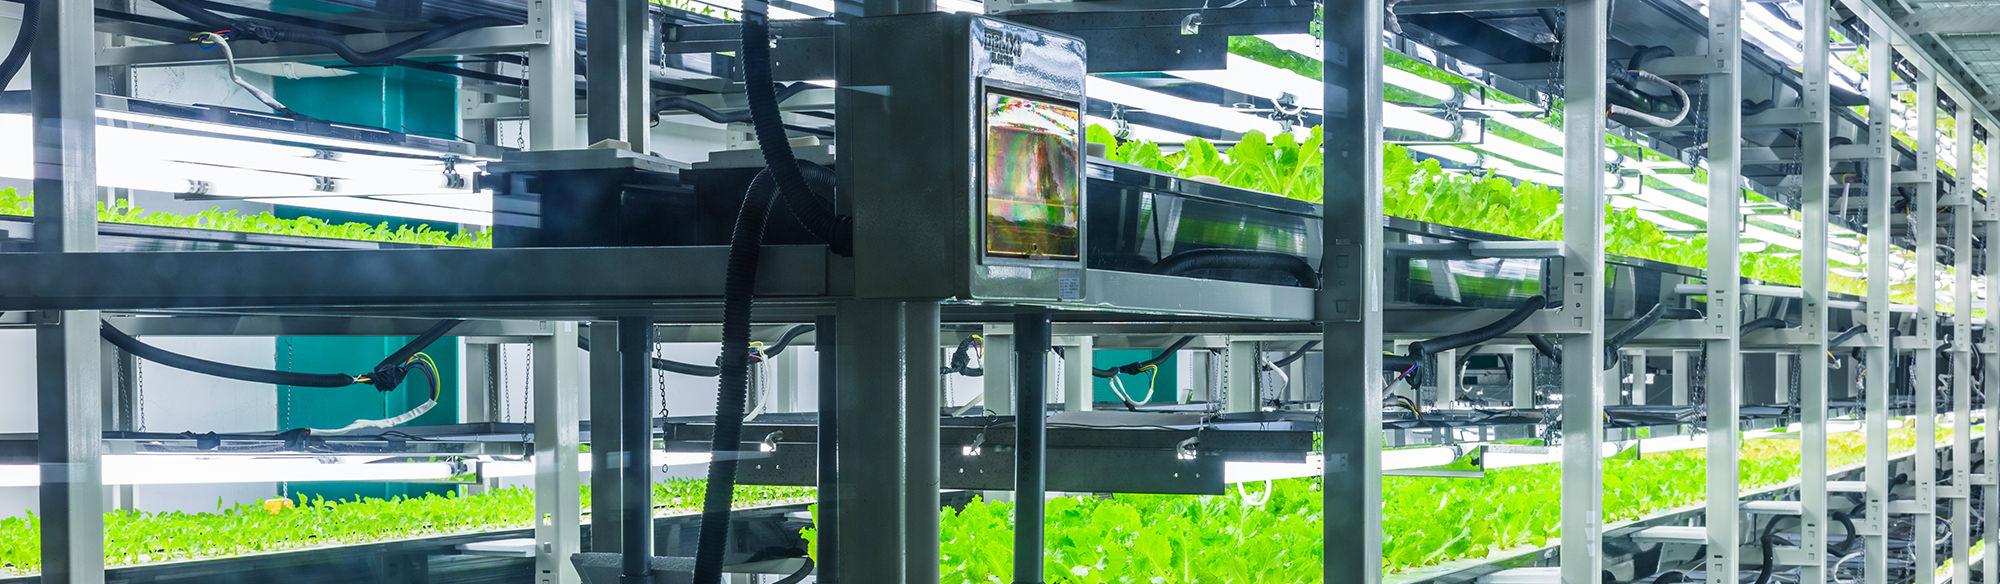 Vertical farm: sostenibilità ed efficienza